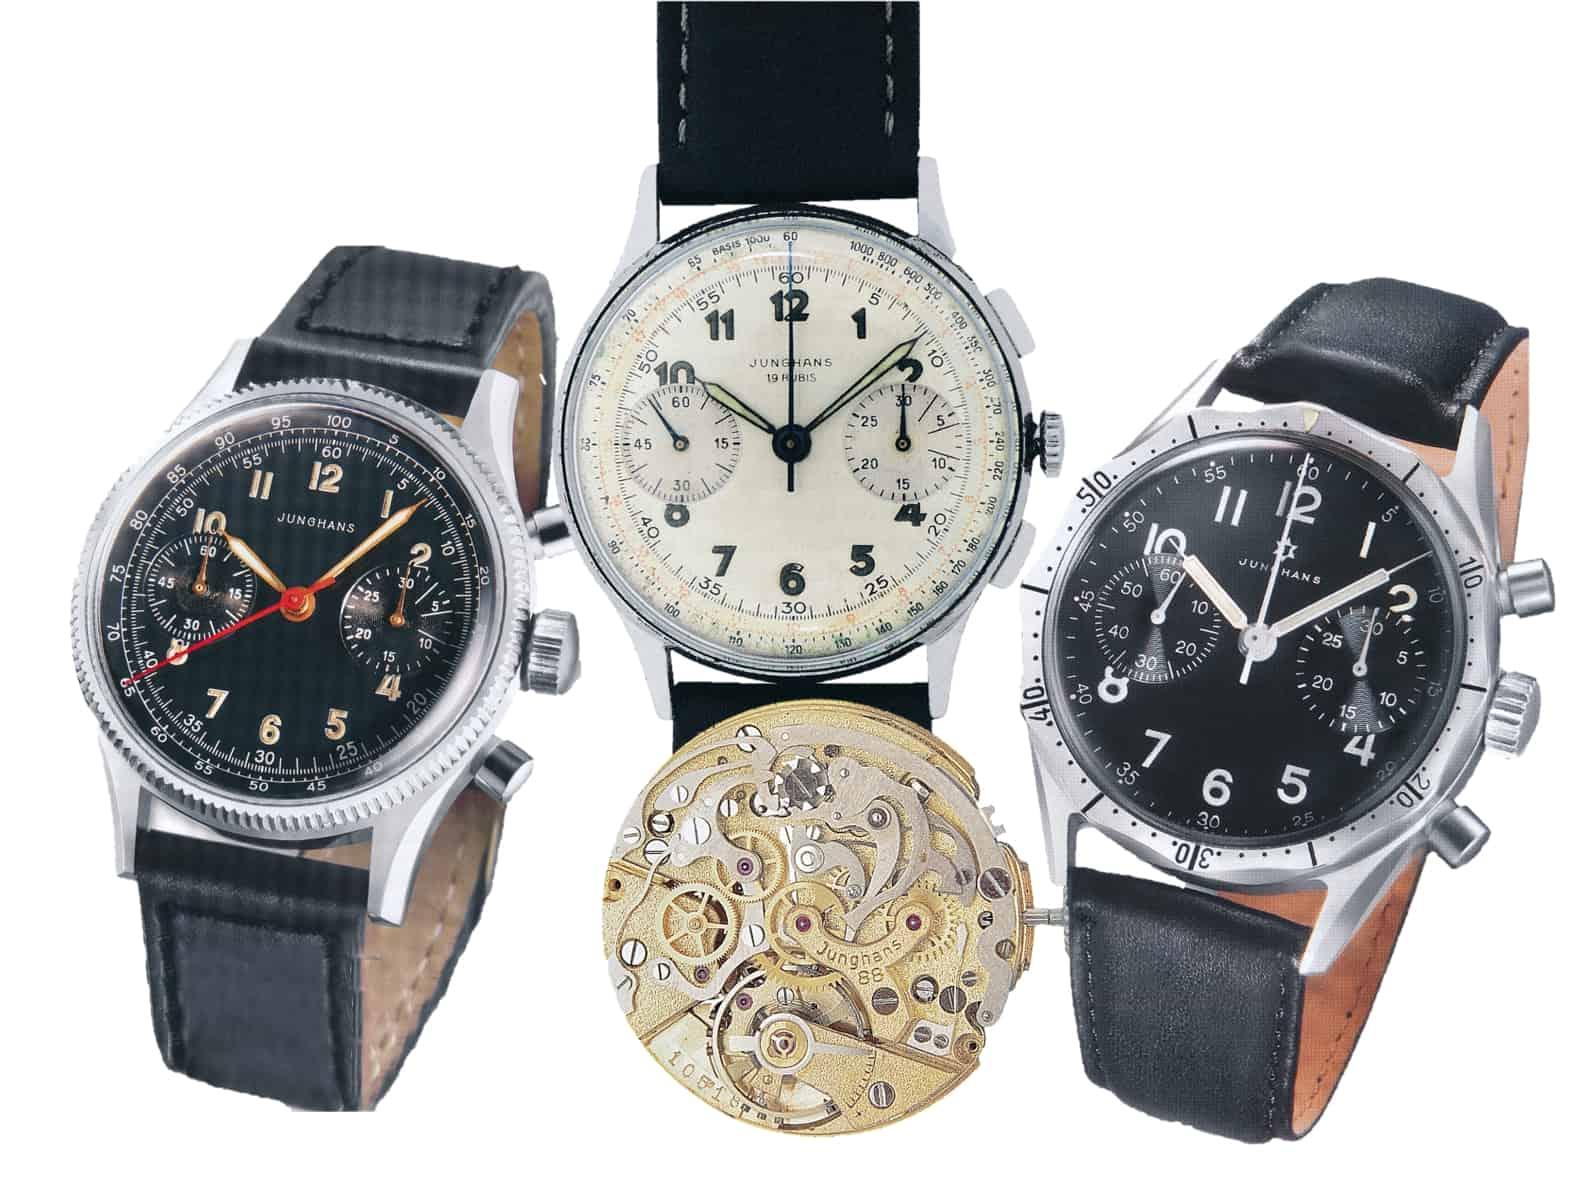 Junghans Chronographen mit dem Manufakturkaliber J88